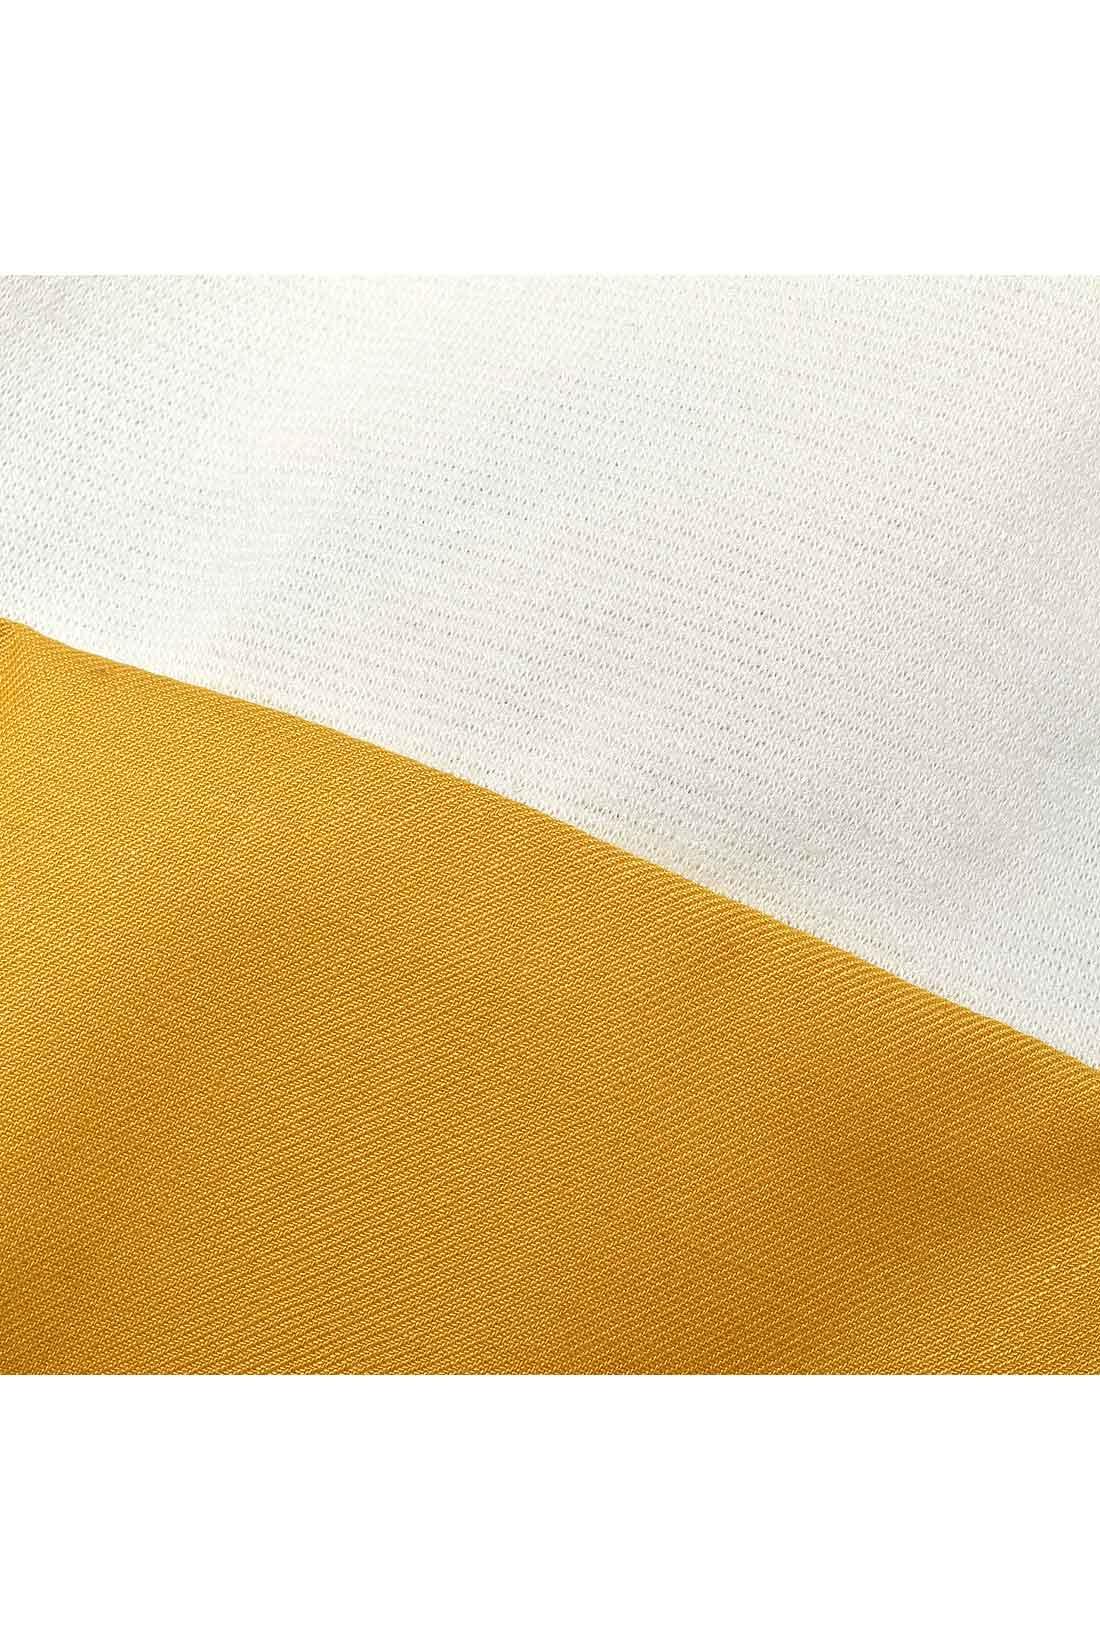 トップスは肉厚なカットソー。スカートはさらりとした布はく。